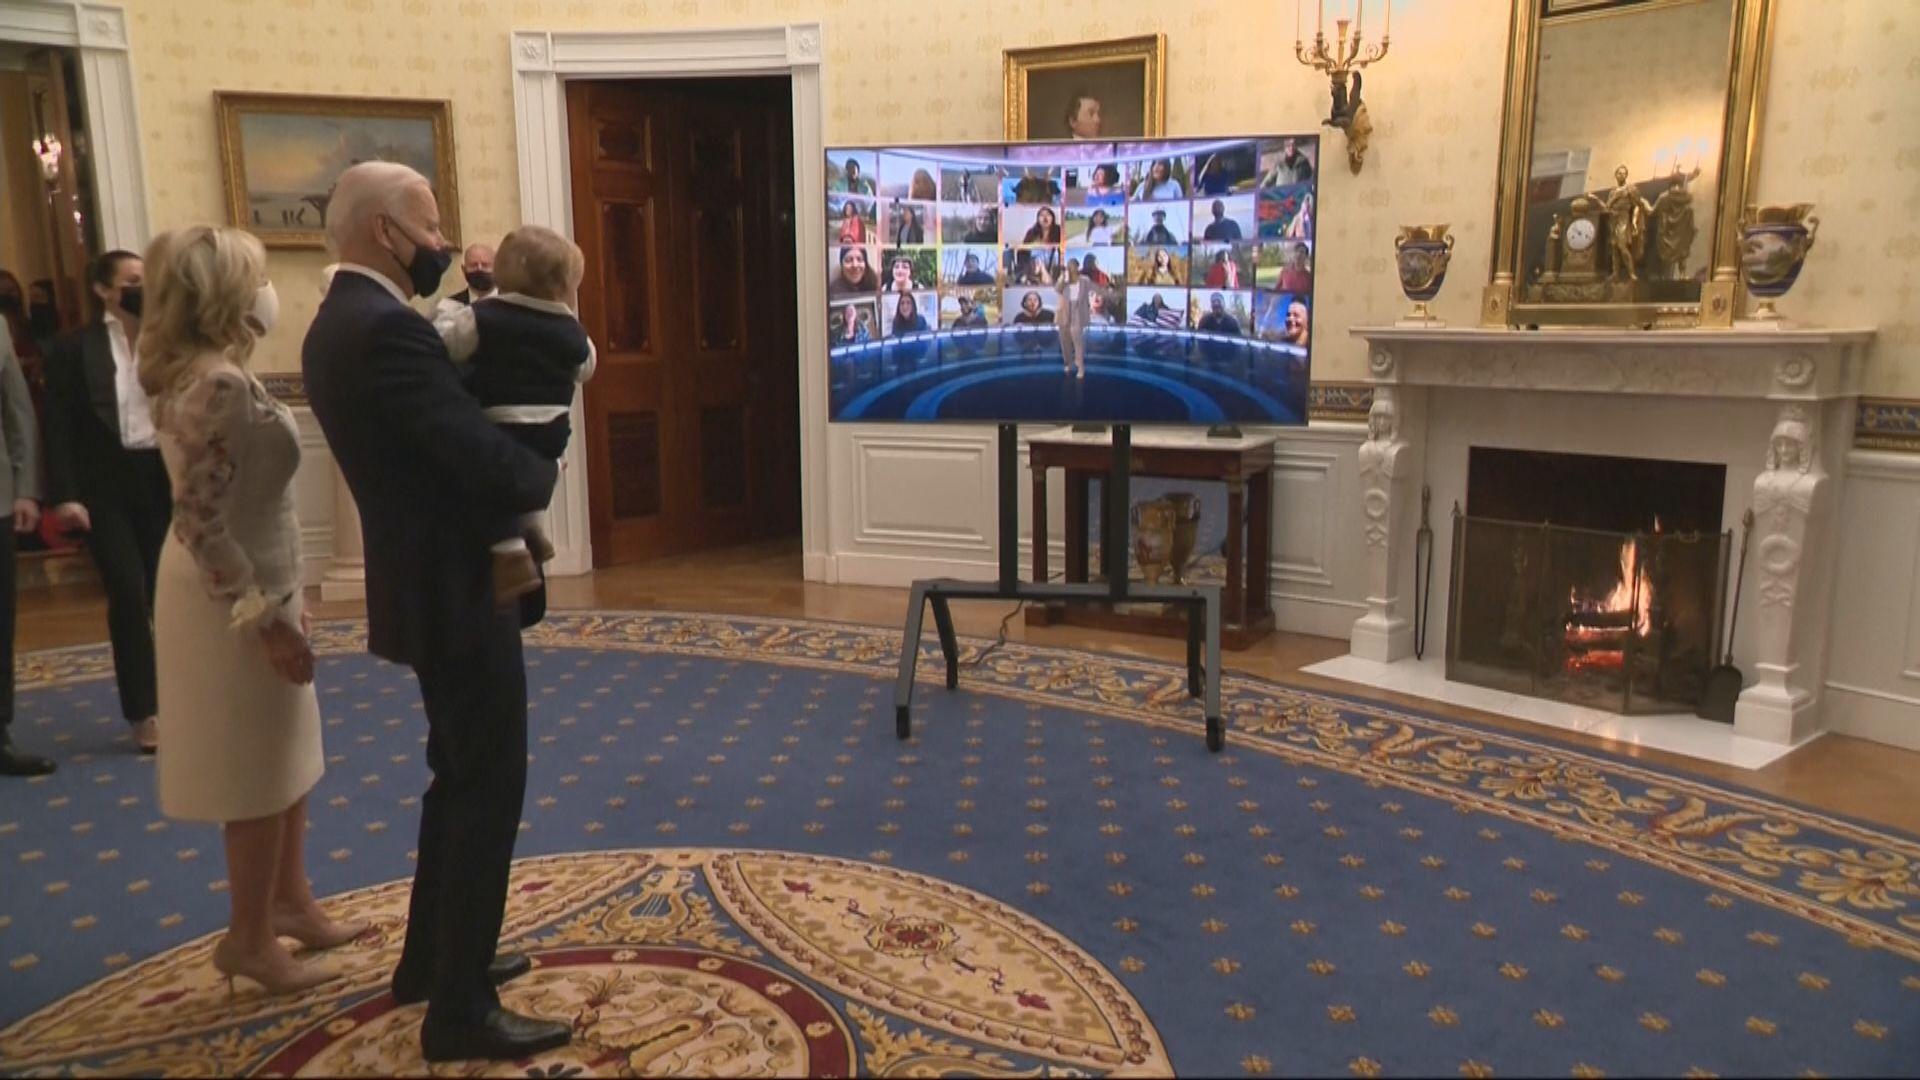 總統就職連場慶祝舞會因疫情改為直播「慶祝美國」節目